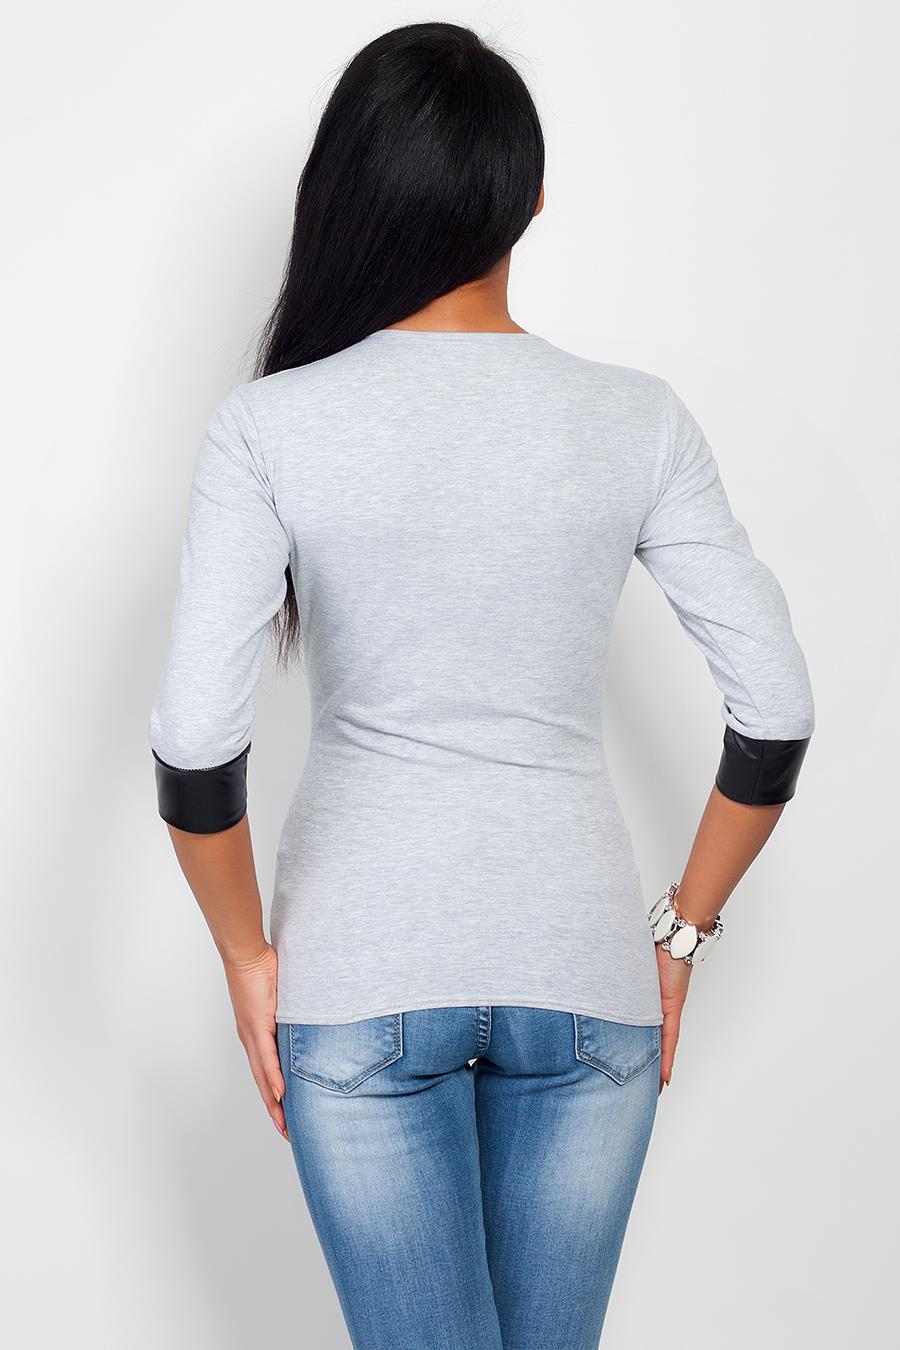 Bavlněné triko s doplňky z ekokůže, šedá, jednotná